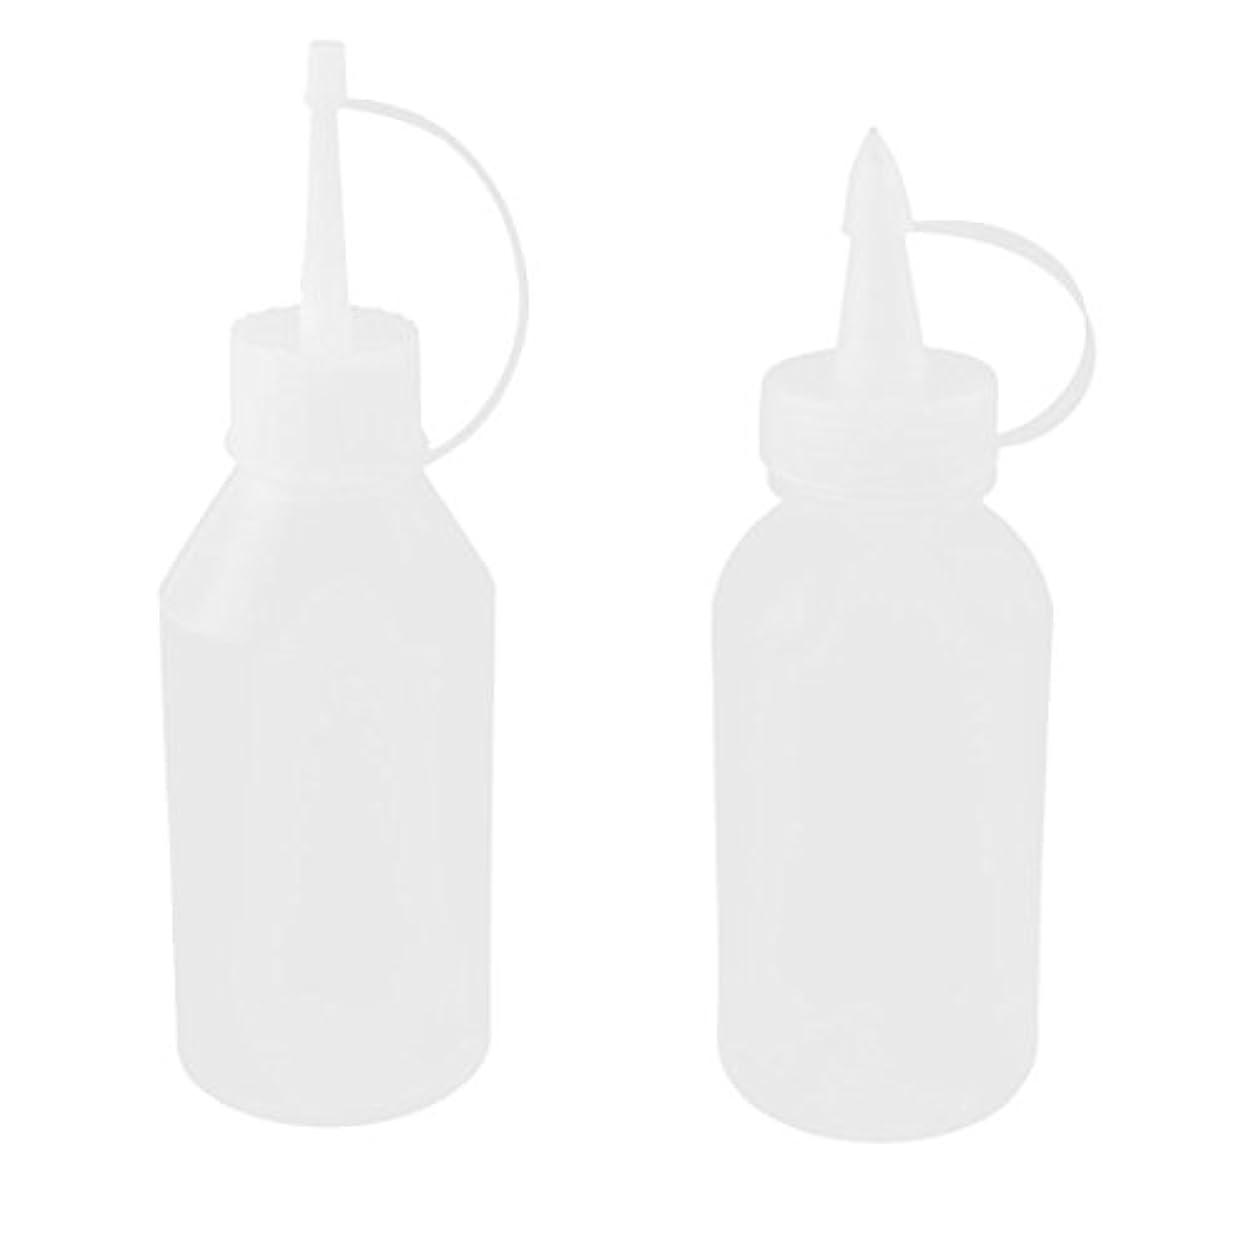 落ち込んでいる輪郭異議uxcell オイルボトル 油差し プラスチック 100ml ホワイト クリア 2個